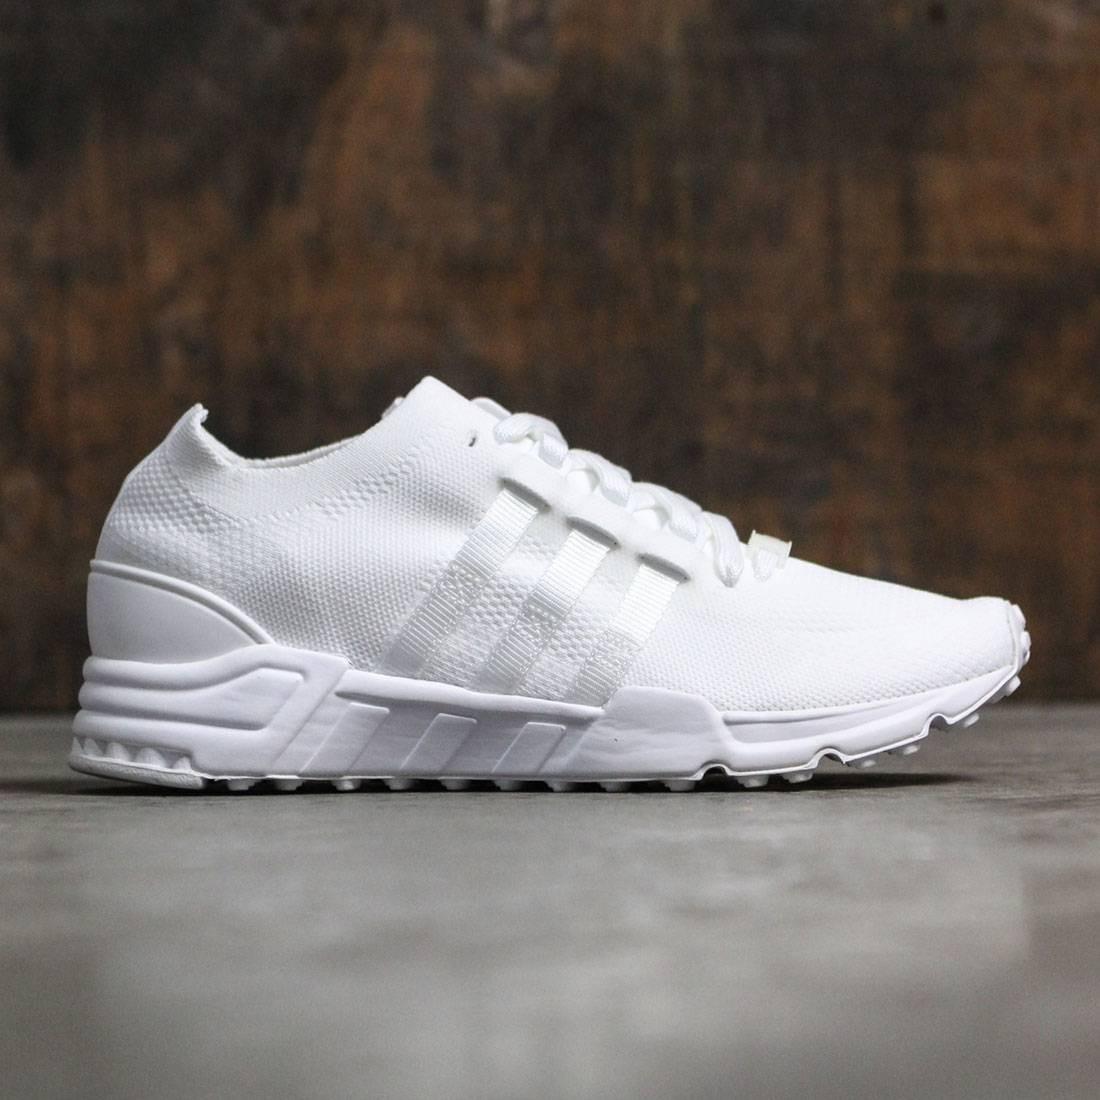 【海外限定】アディダス スニーカー メンズ靴 【 ADIDAS MEN EQUIPMENT SUPPORT PRIMEKNIT WHITE FOOTWEAR 】